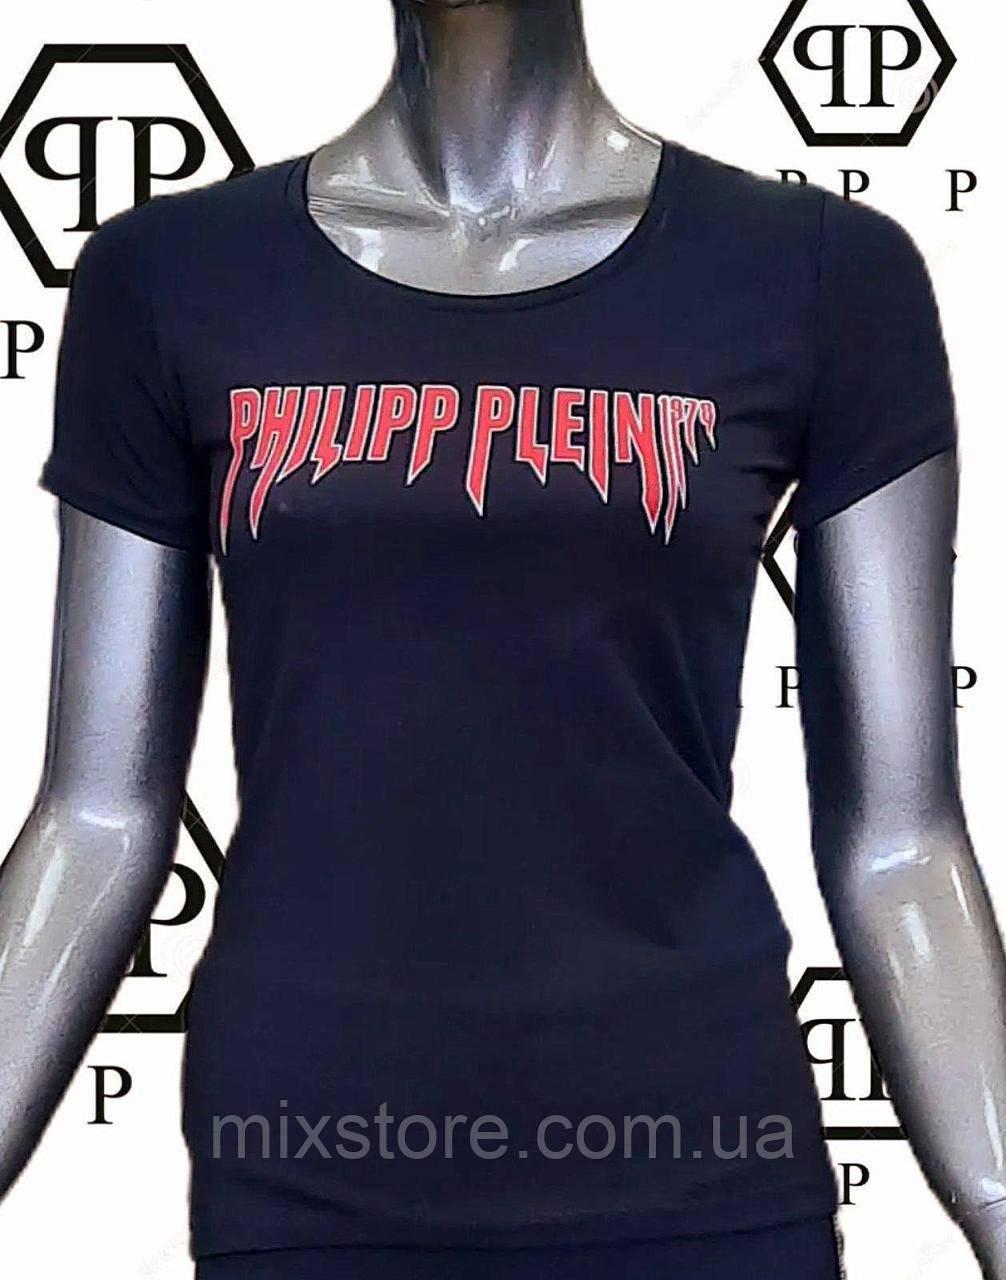 Футболка жіноча PHILIPP PLEIN,копія класу люкс.Туреччина